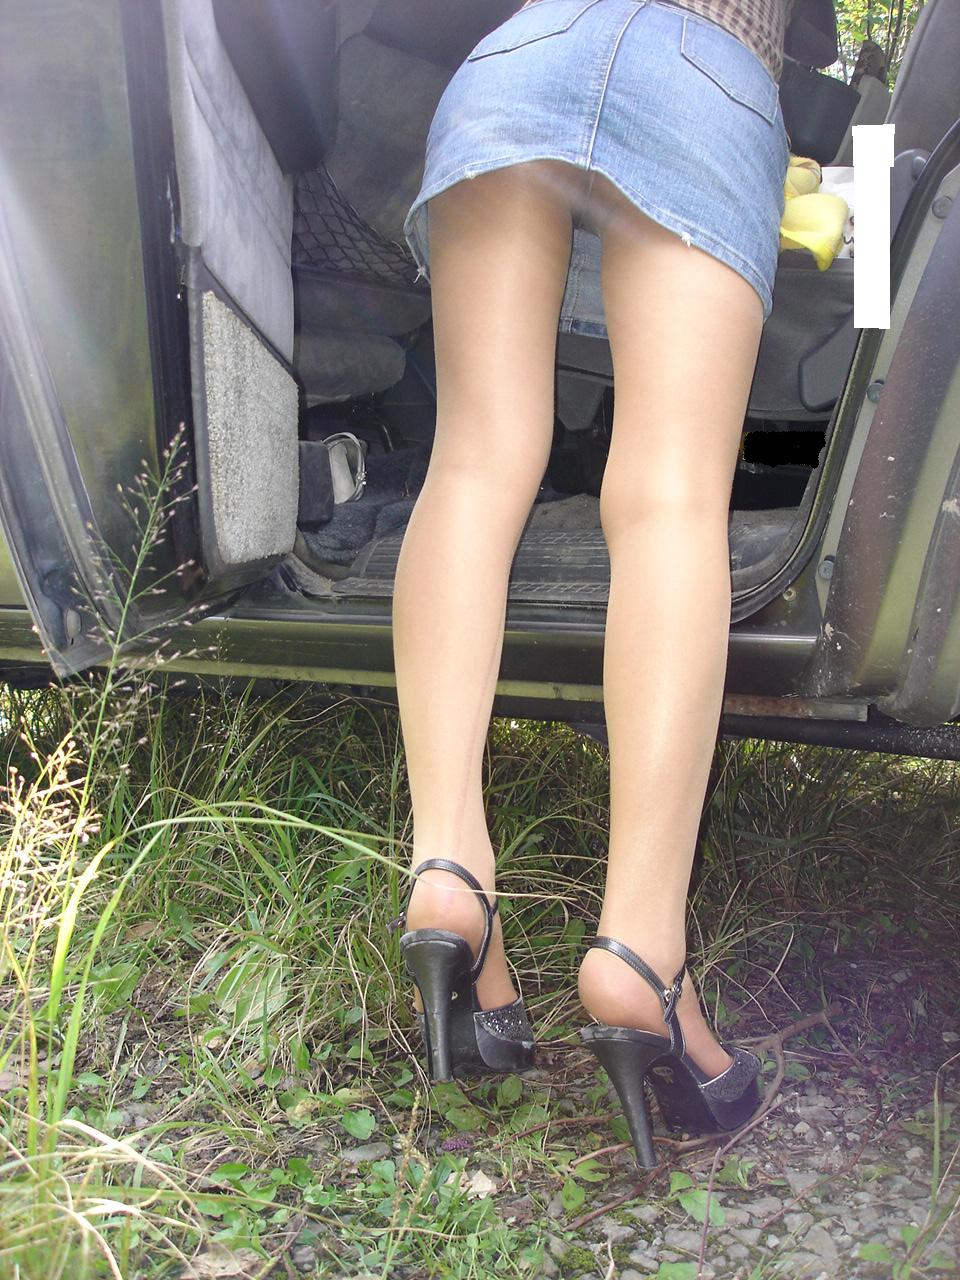 【ミニスカエロ画像】パンツの出番が期待されるデニミニスカートギャルの尻www 01